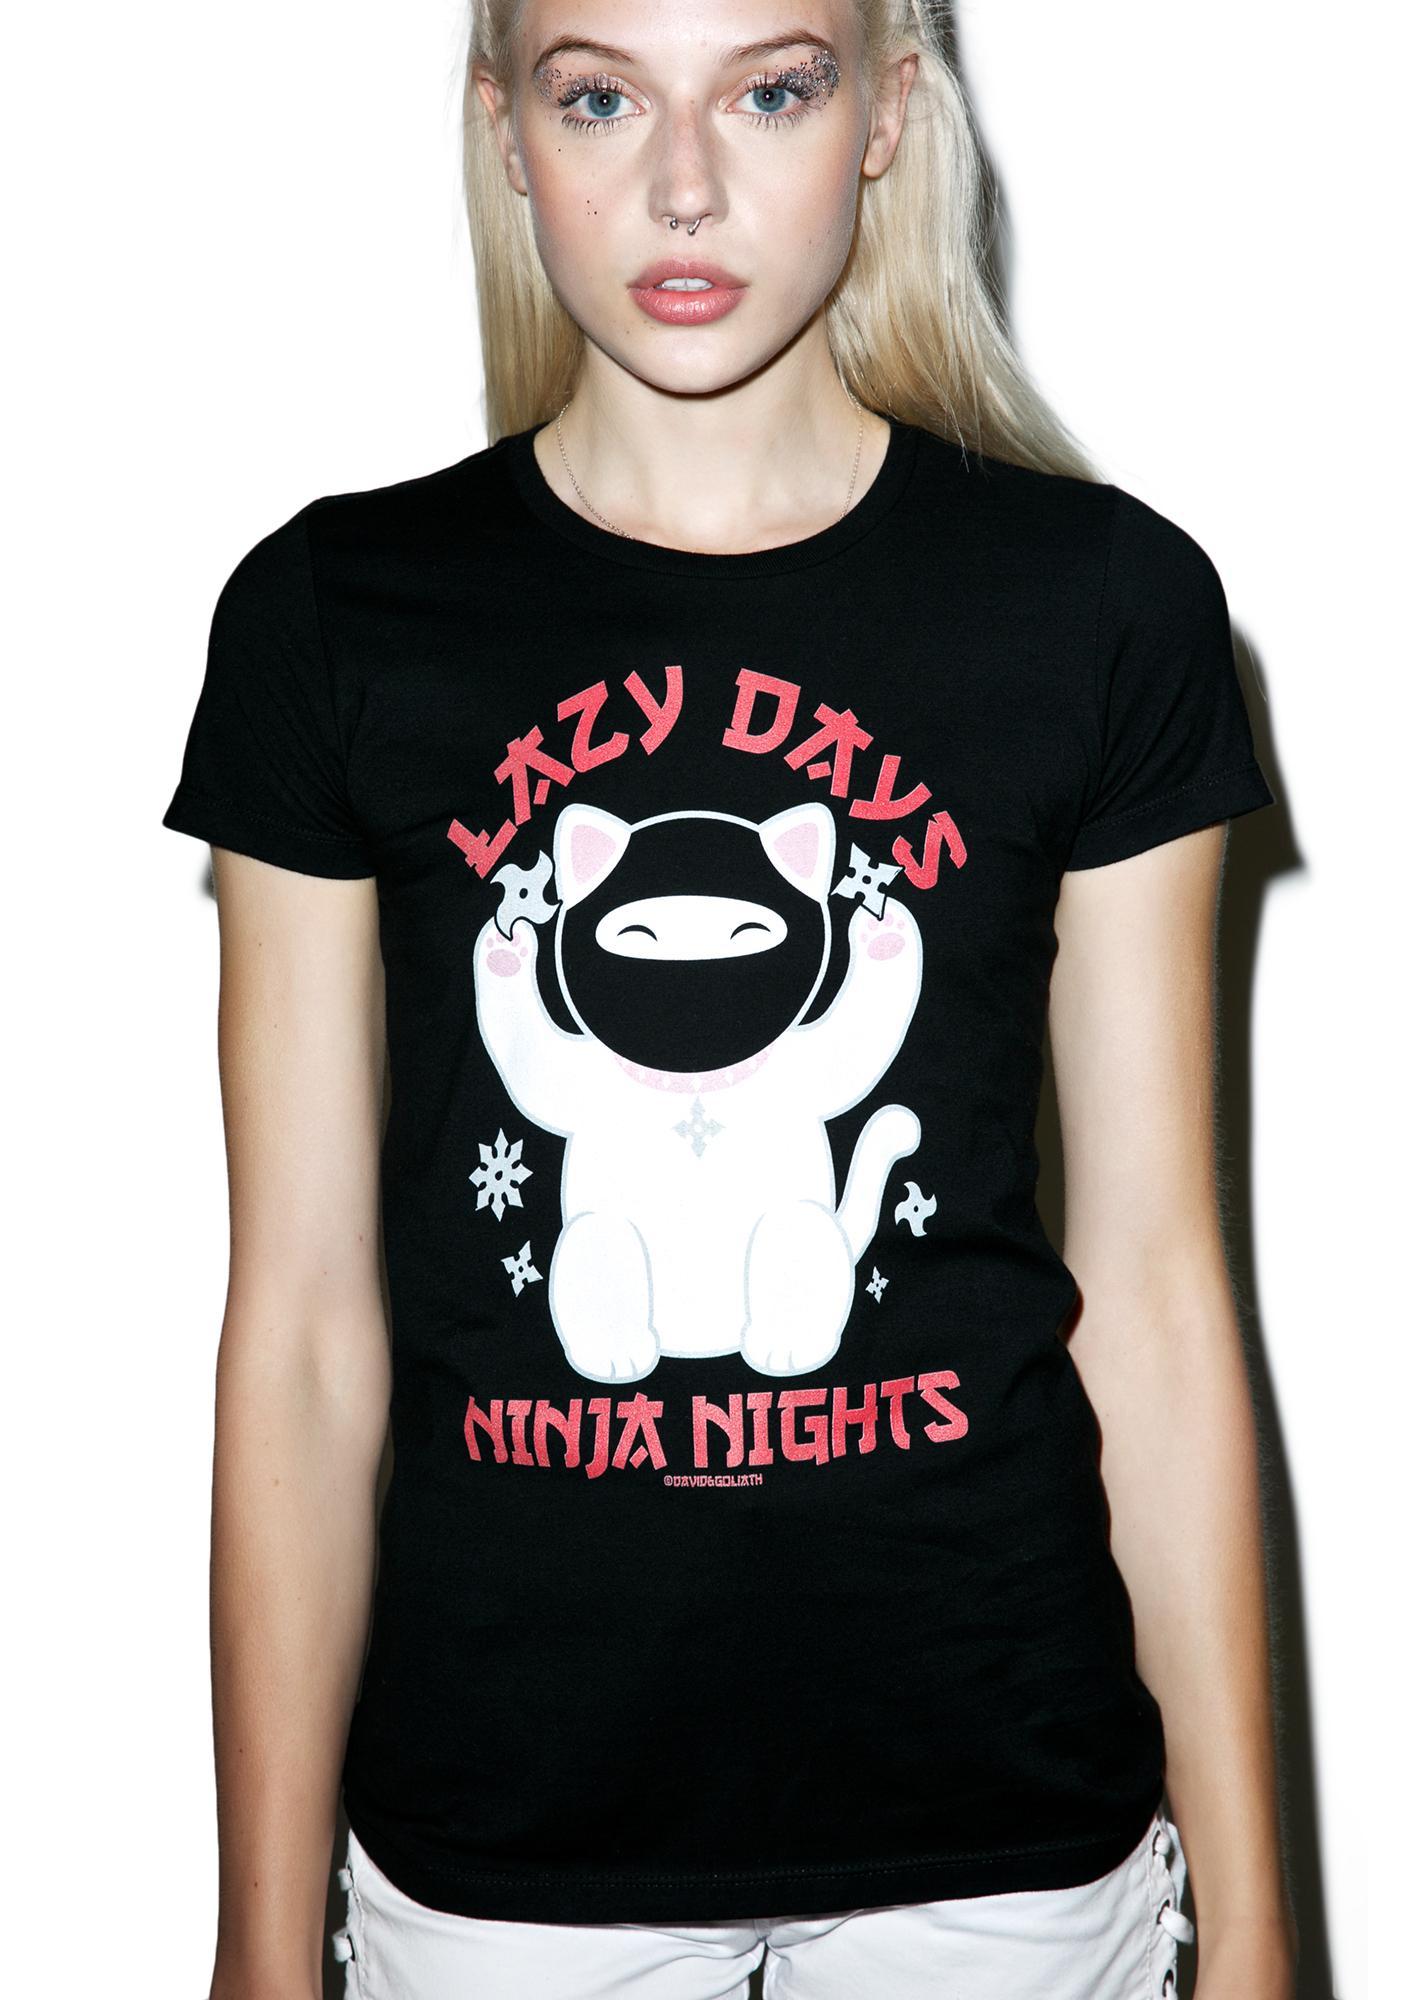 Ninja Nights Tee